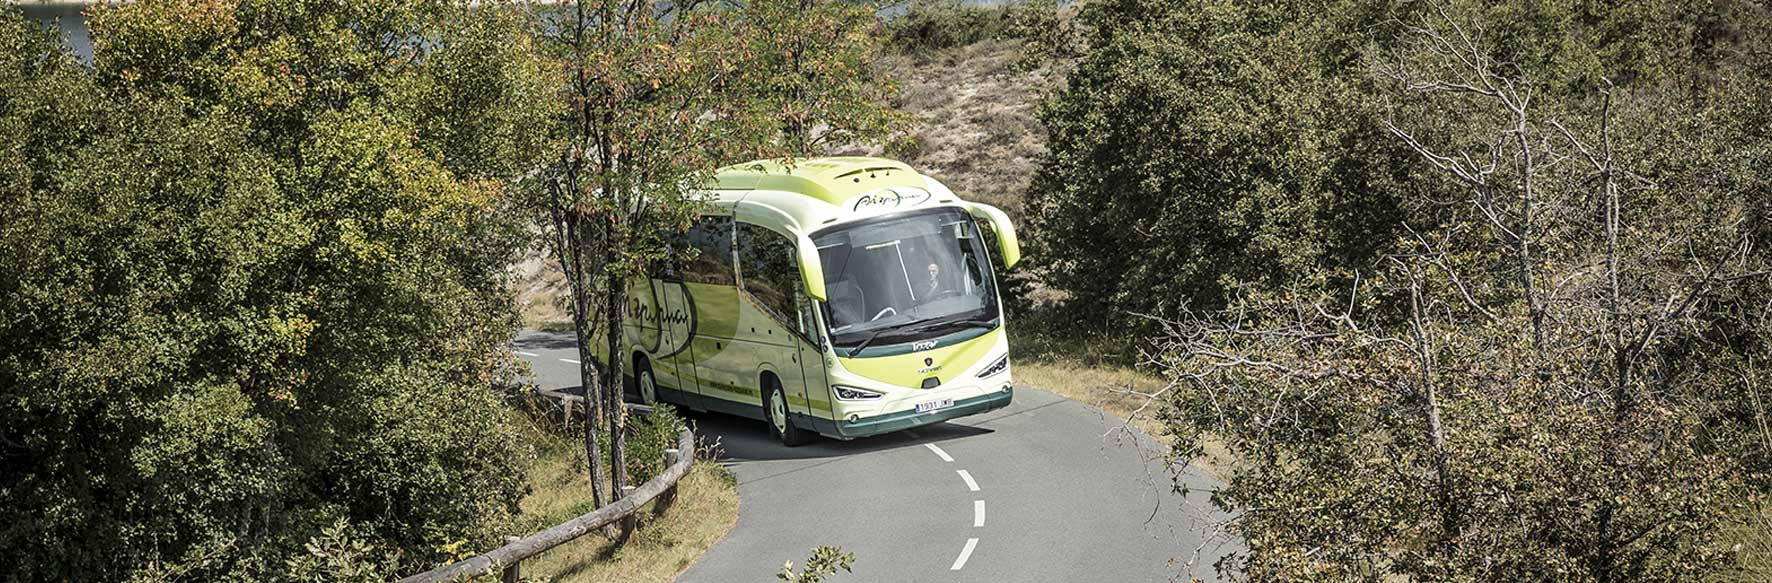 aizpurua-autobusak-visitas-excursion